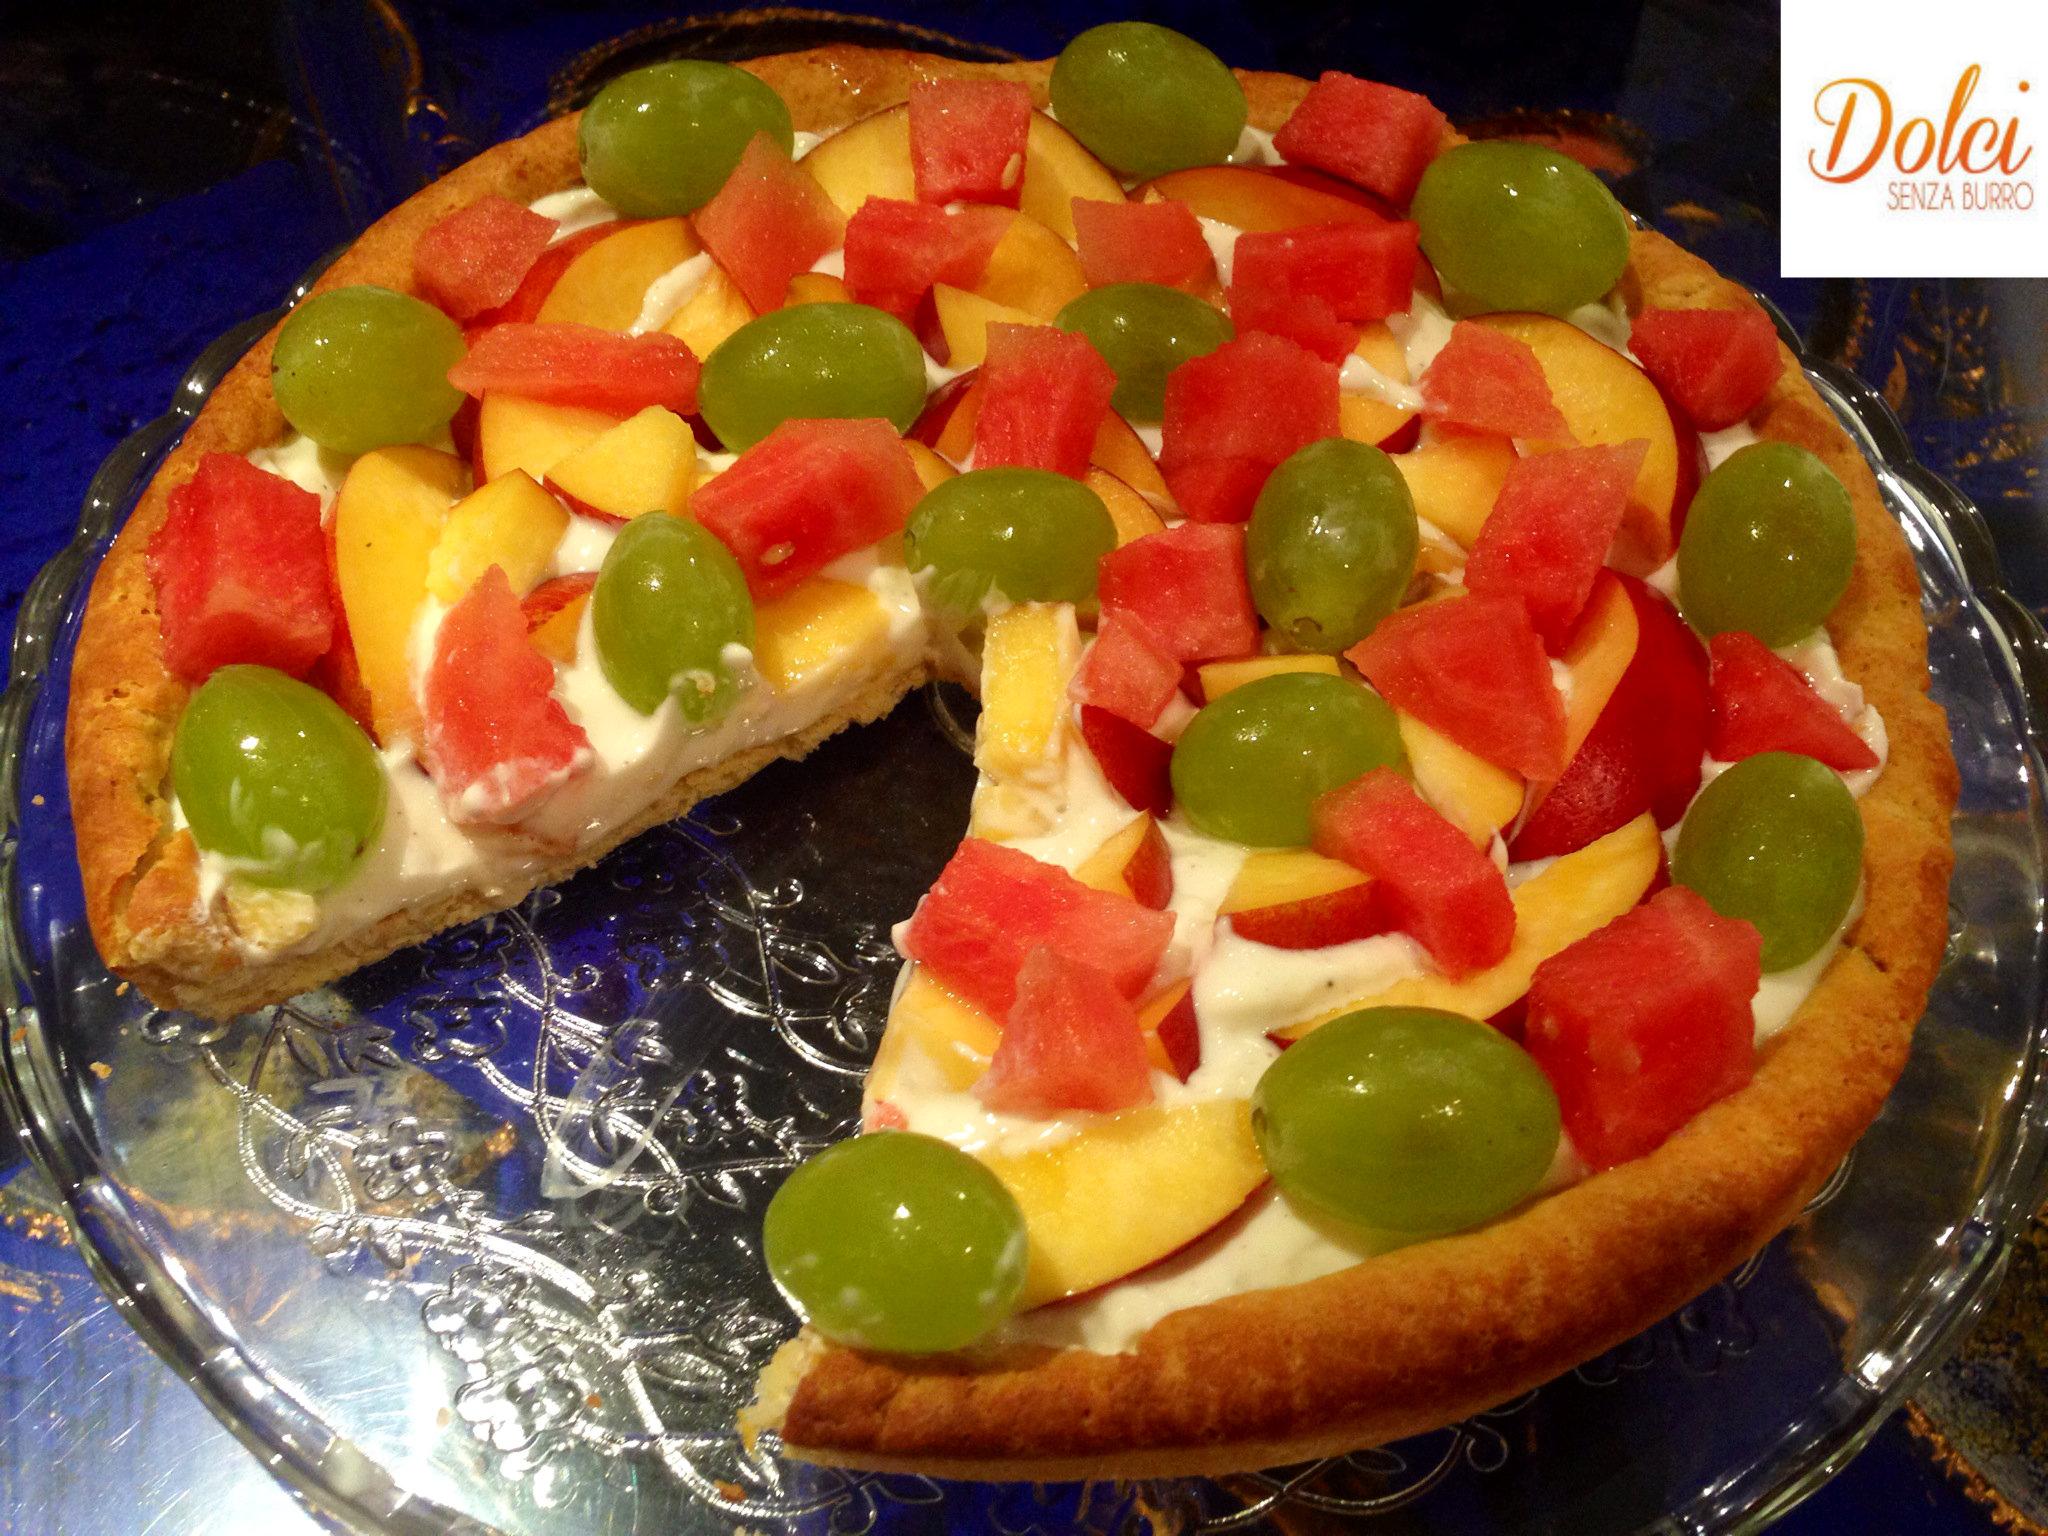 La pizza dolce alla frutta è un dolce senza lattosio e uova goloso e fresco realizzato con Cukò di Imetec da dolci senza burro